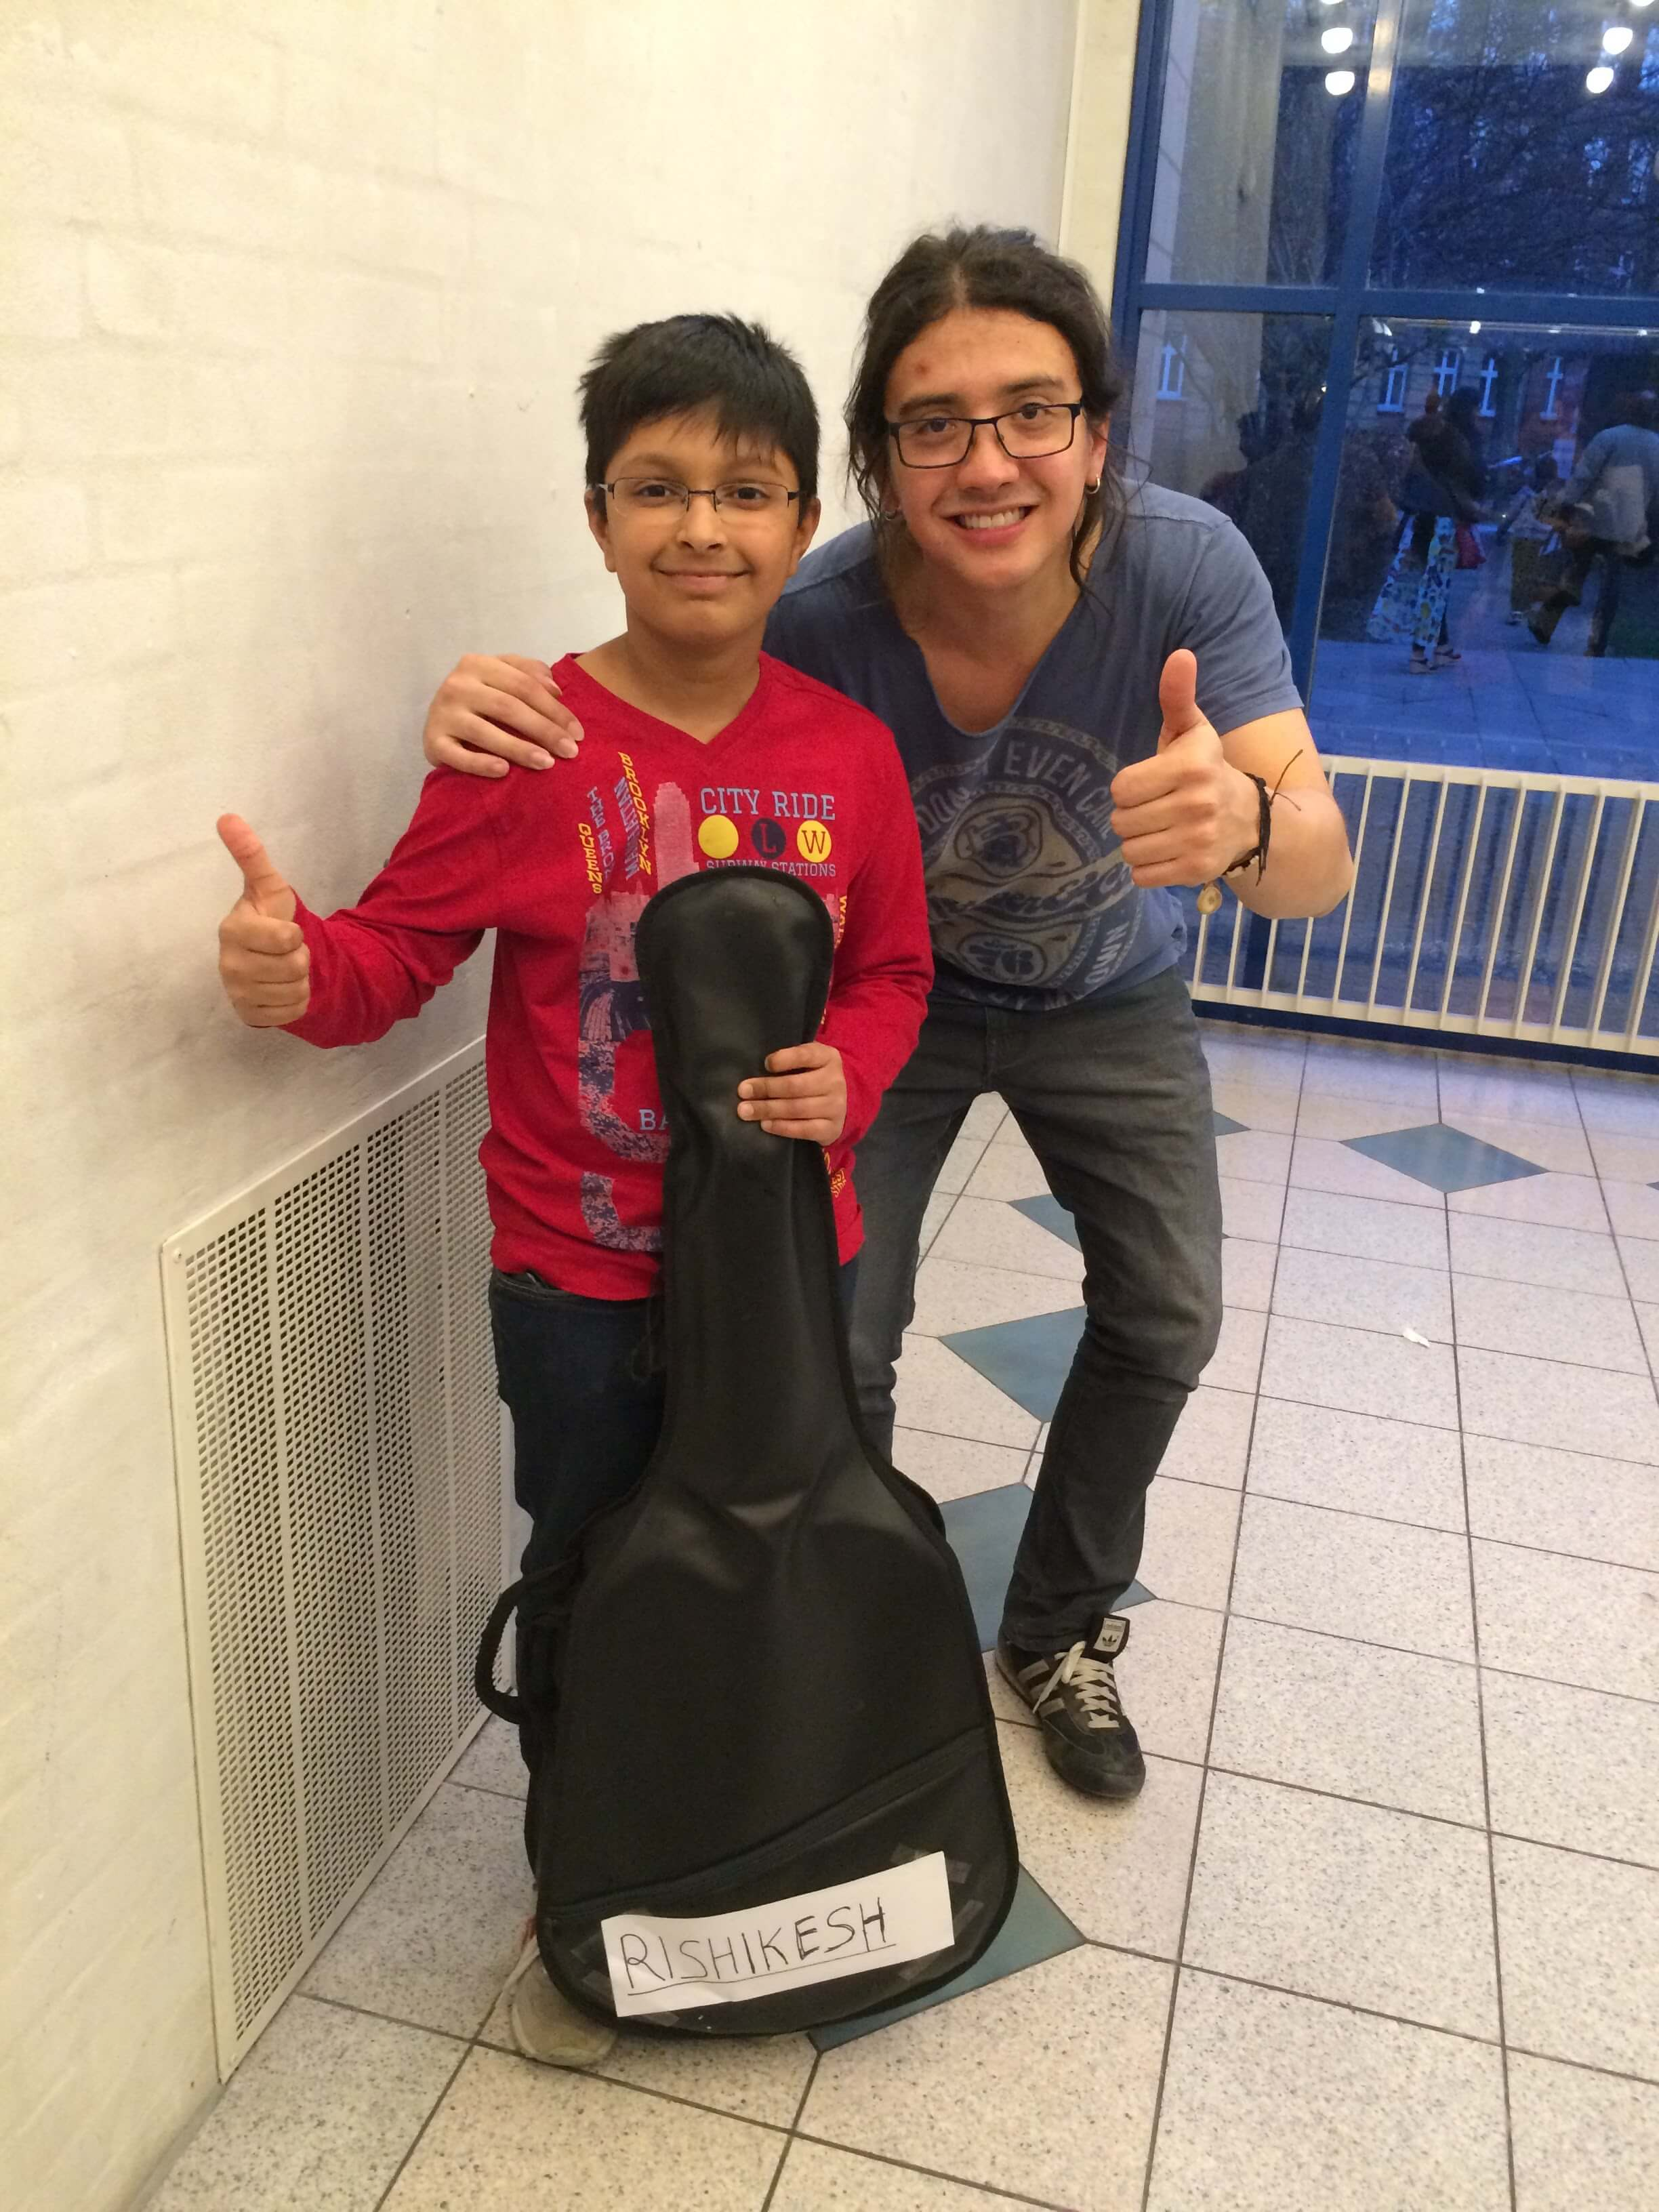 Rishi and Carlos